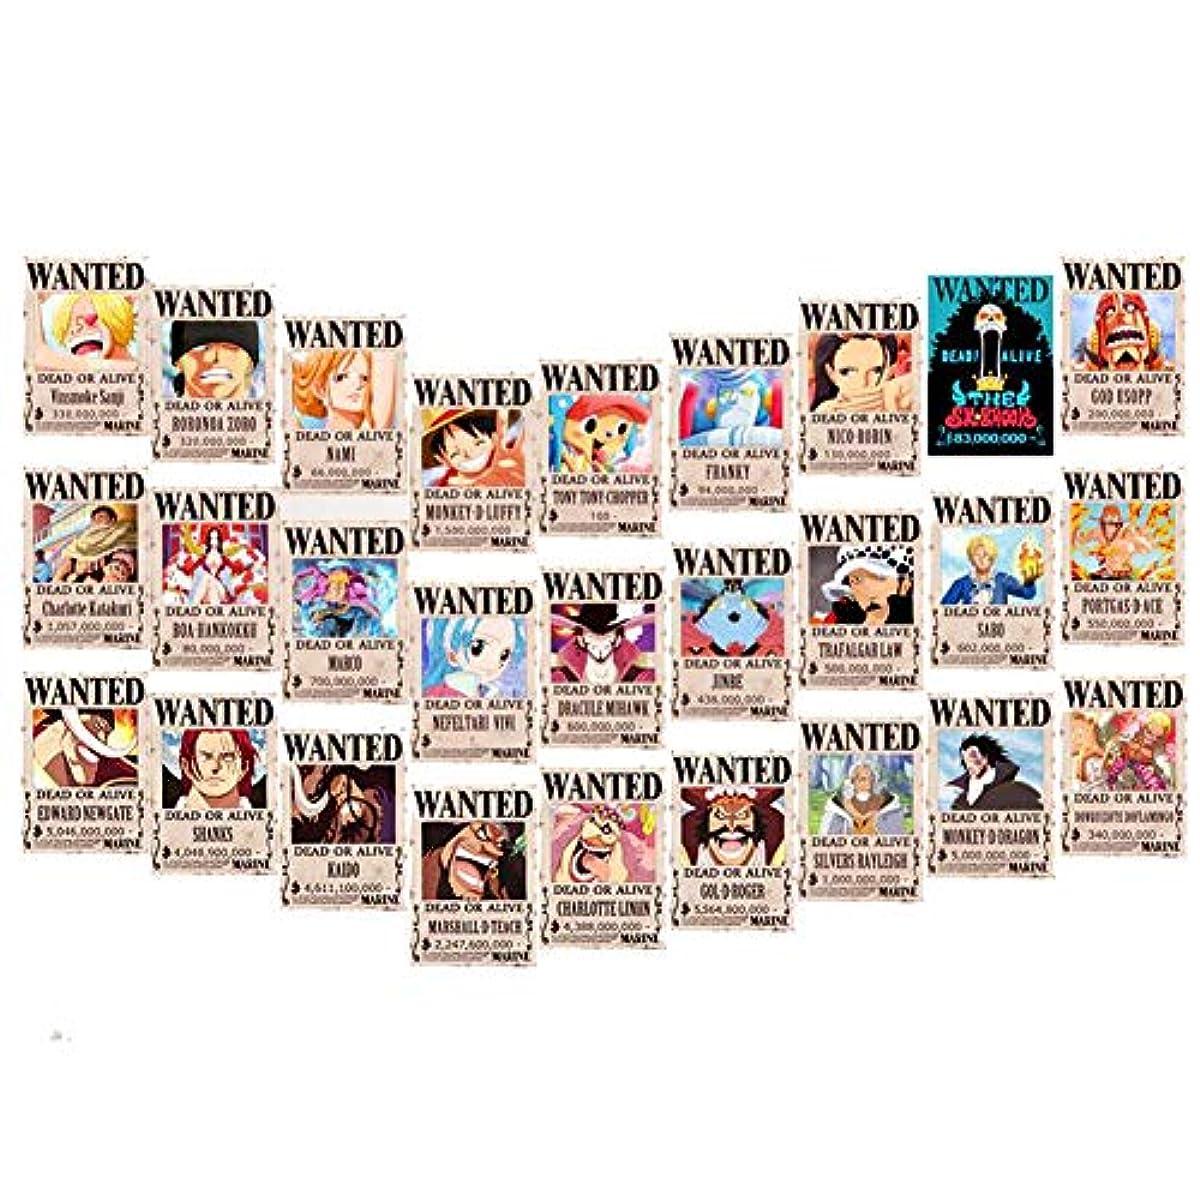 [해외] B&V 원피스 수배서 27 매세트 최신 버젼 밀짚 해적단4옐로우제 드래곤 벽지 포스터